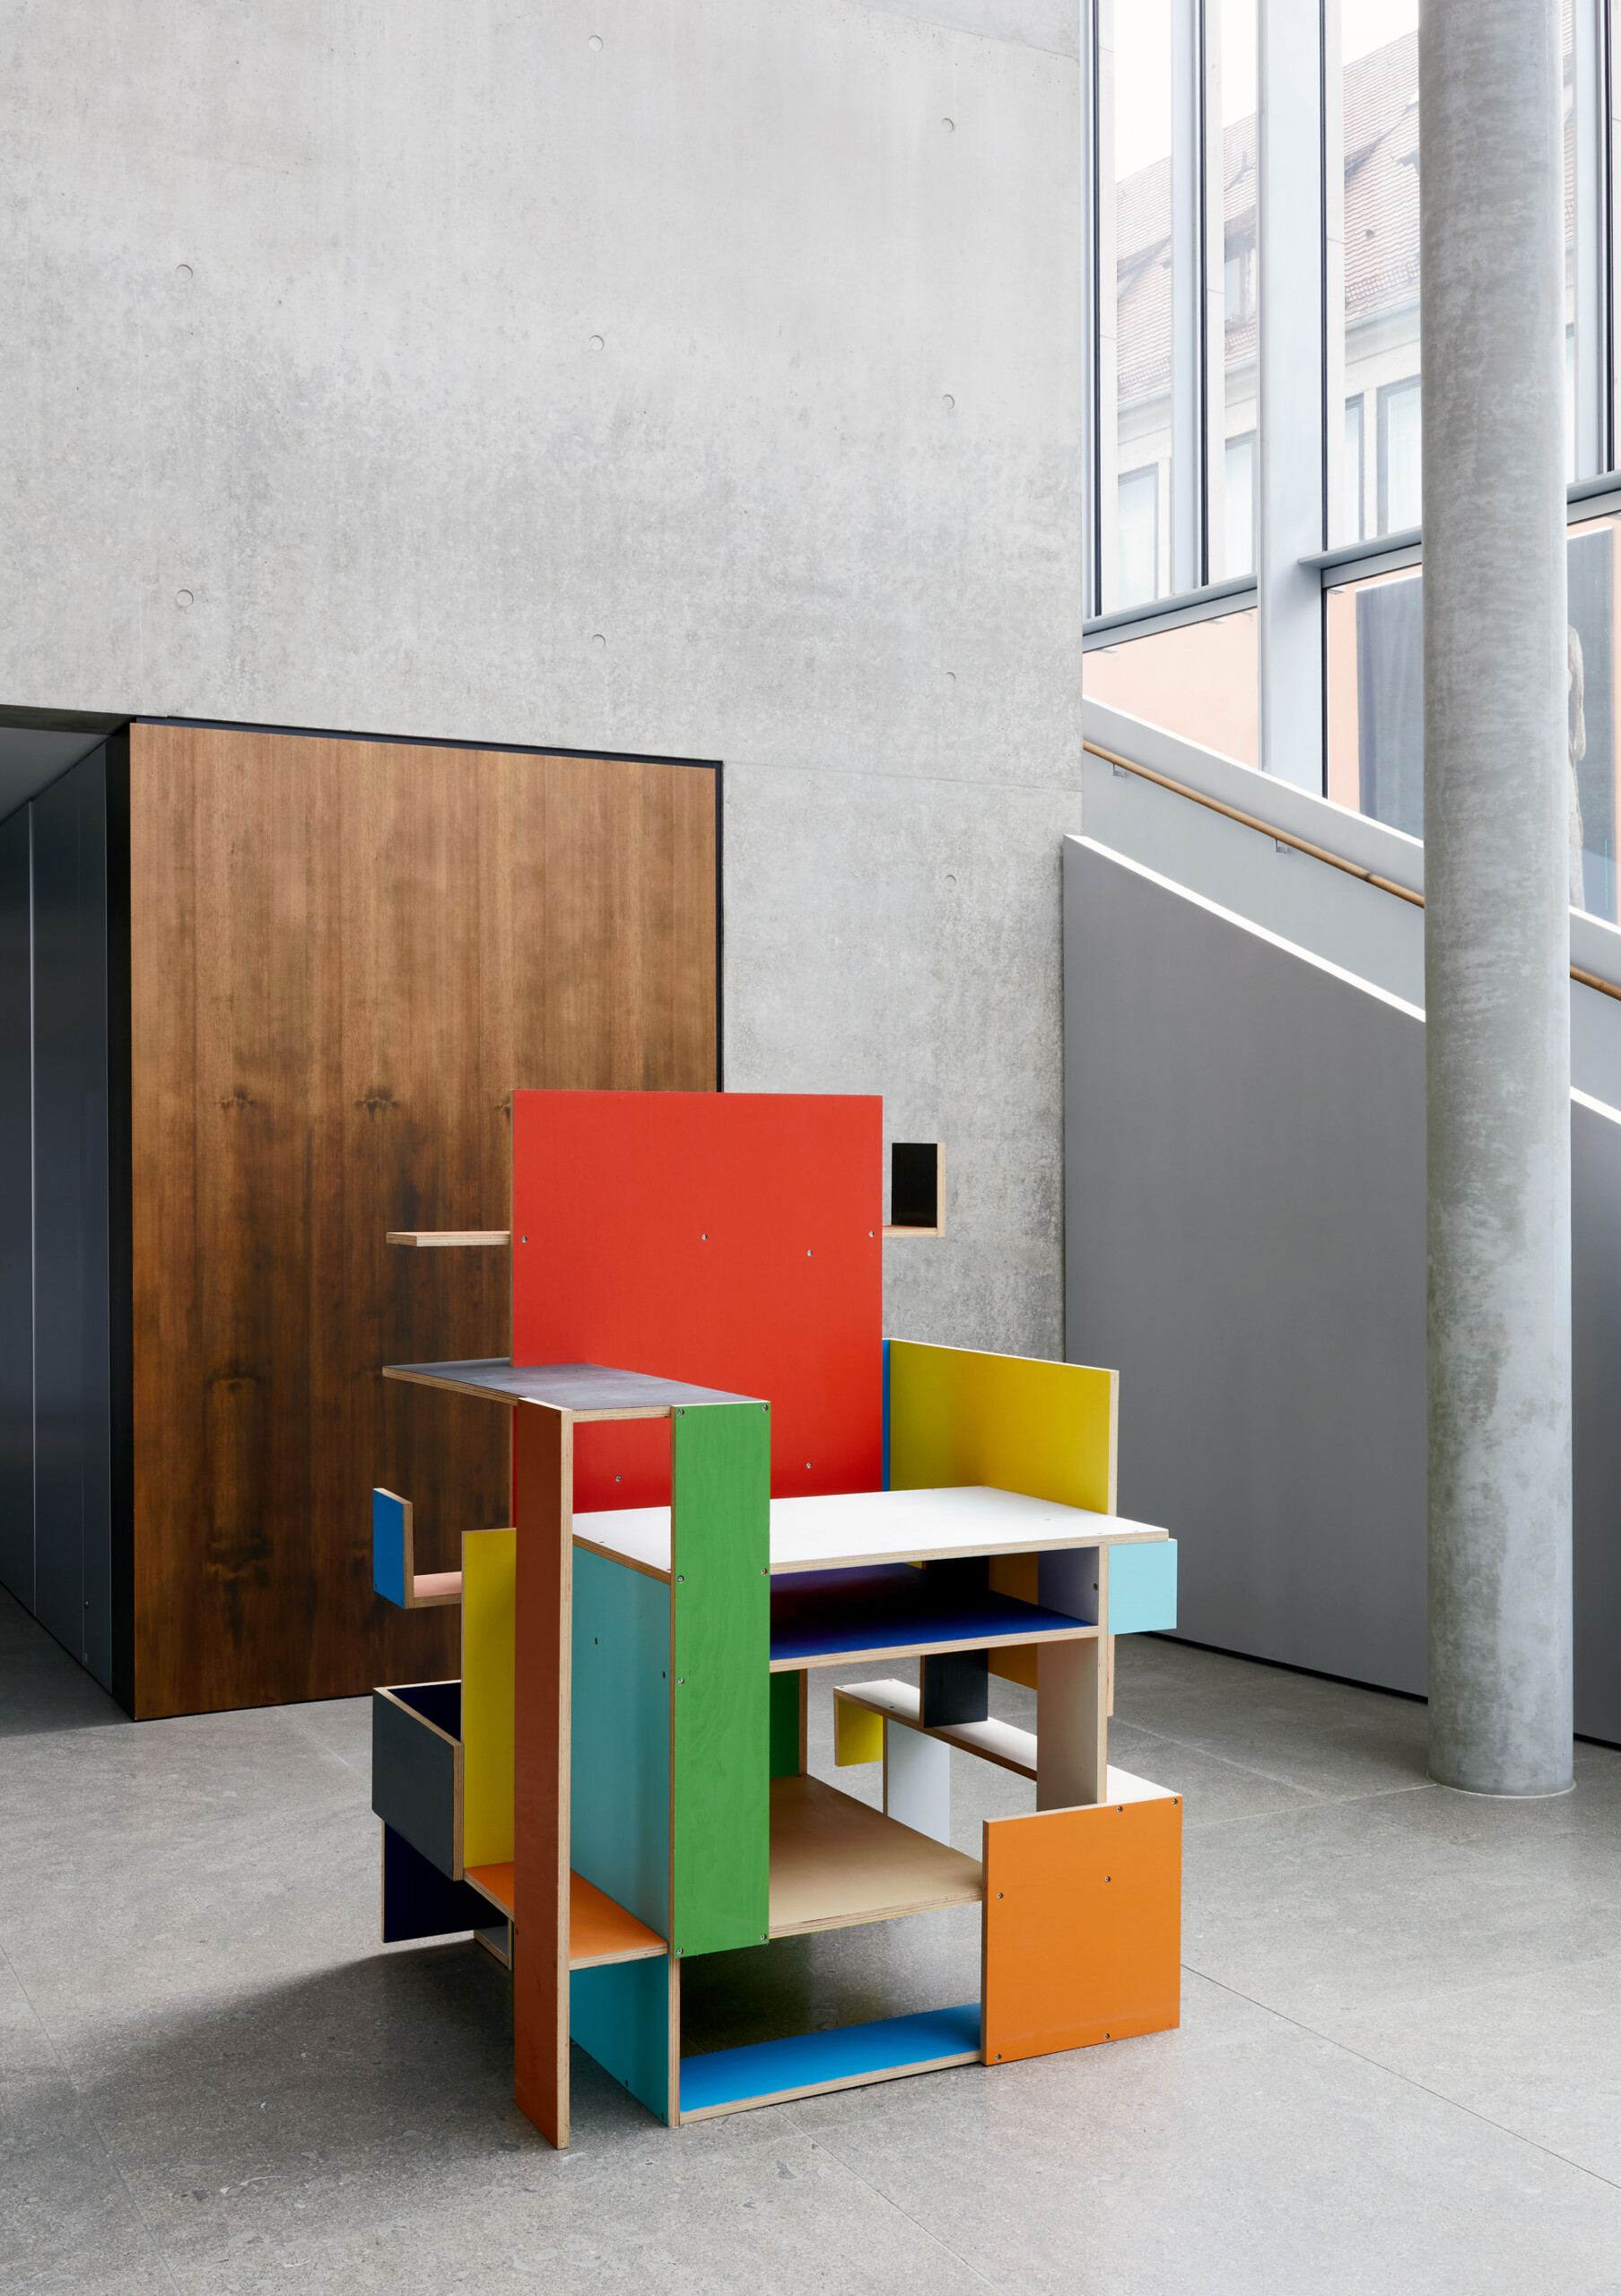 KunsthalleWeishaupt_Zoderer_Plattenbau_No_3_2003_©Martin_Mueller